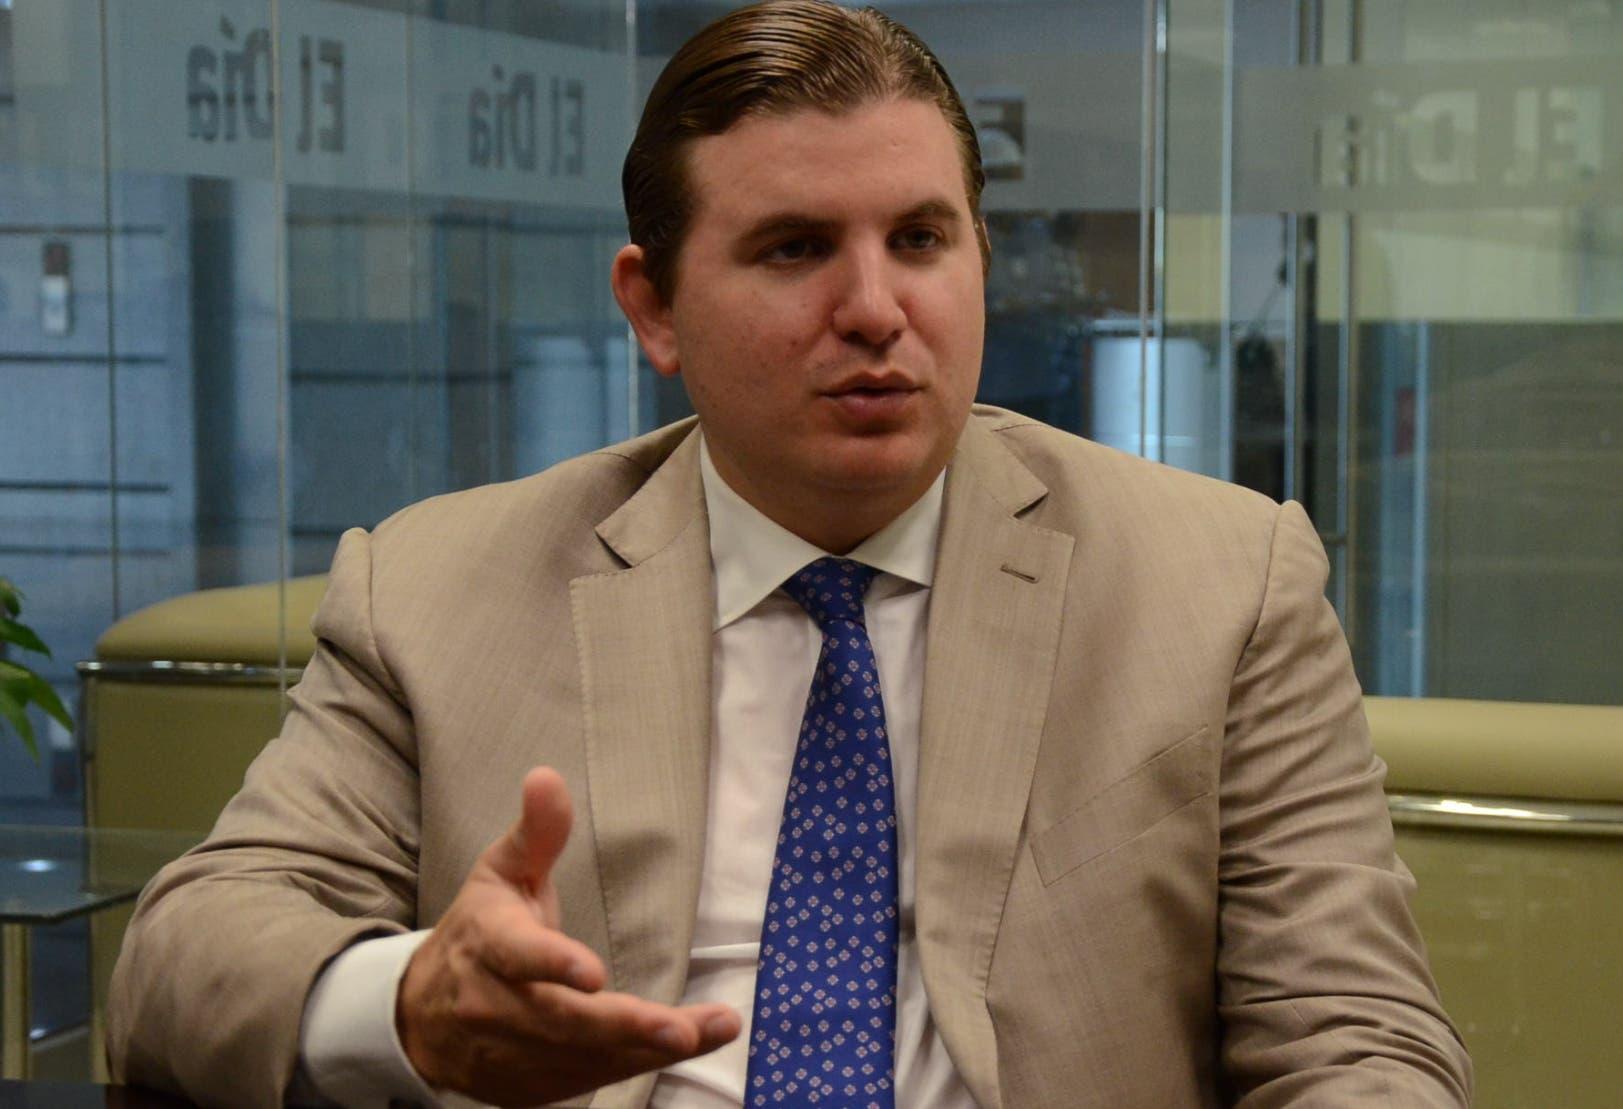 Este año el sector hotelero contempla incrementar 4 mil nuevas habitaciones, señaló Andrés Marrazini.   J. De Léon